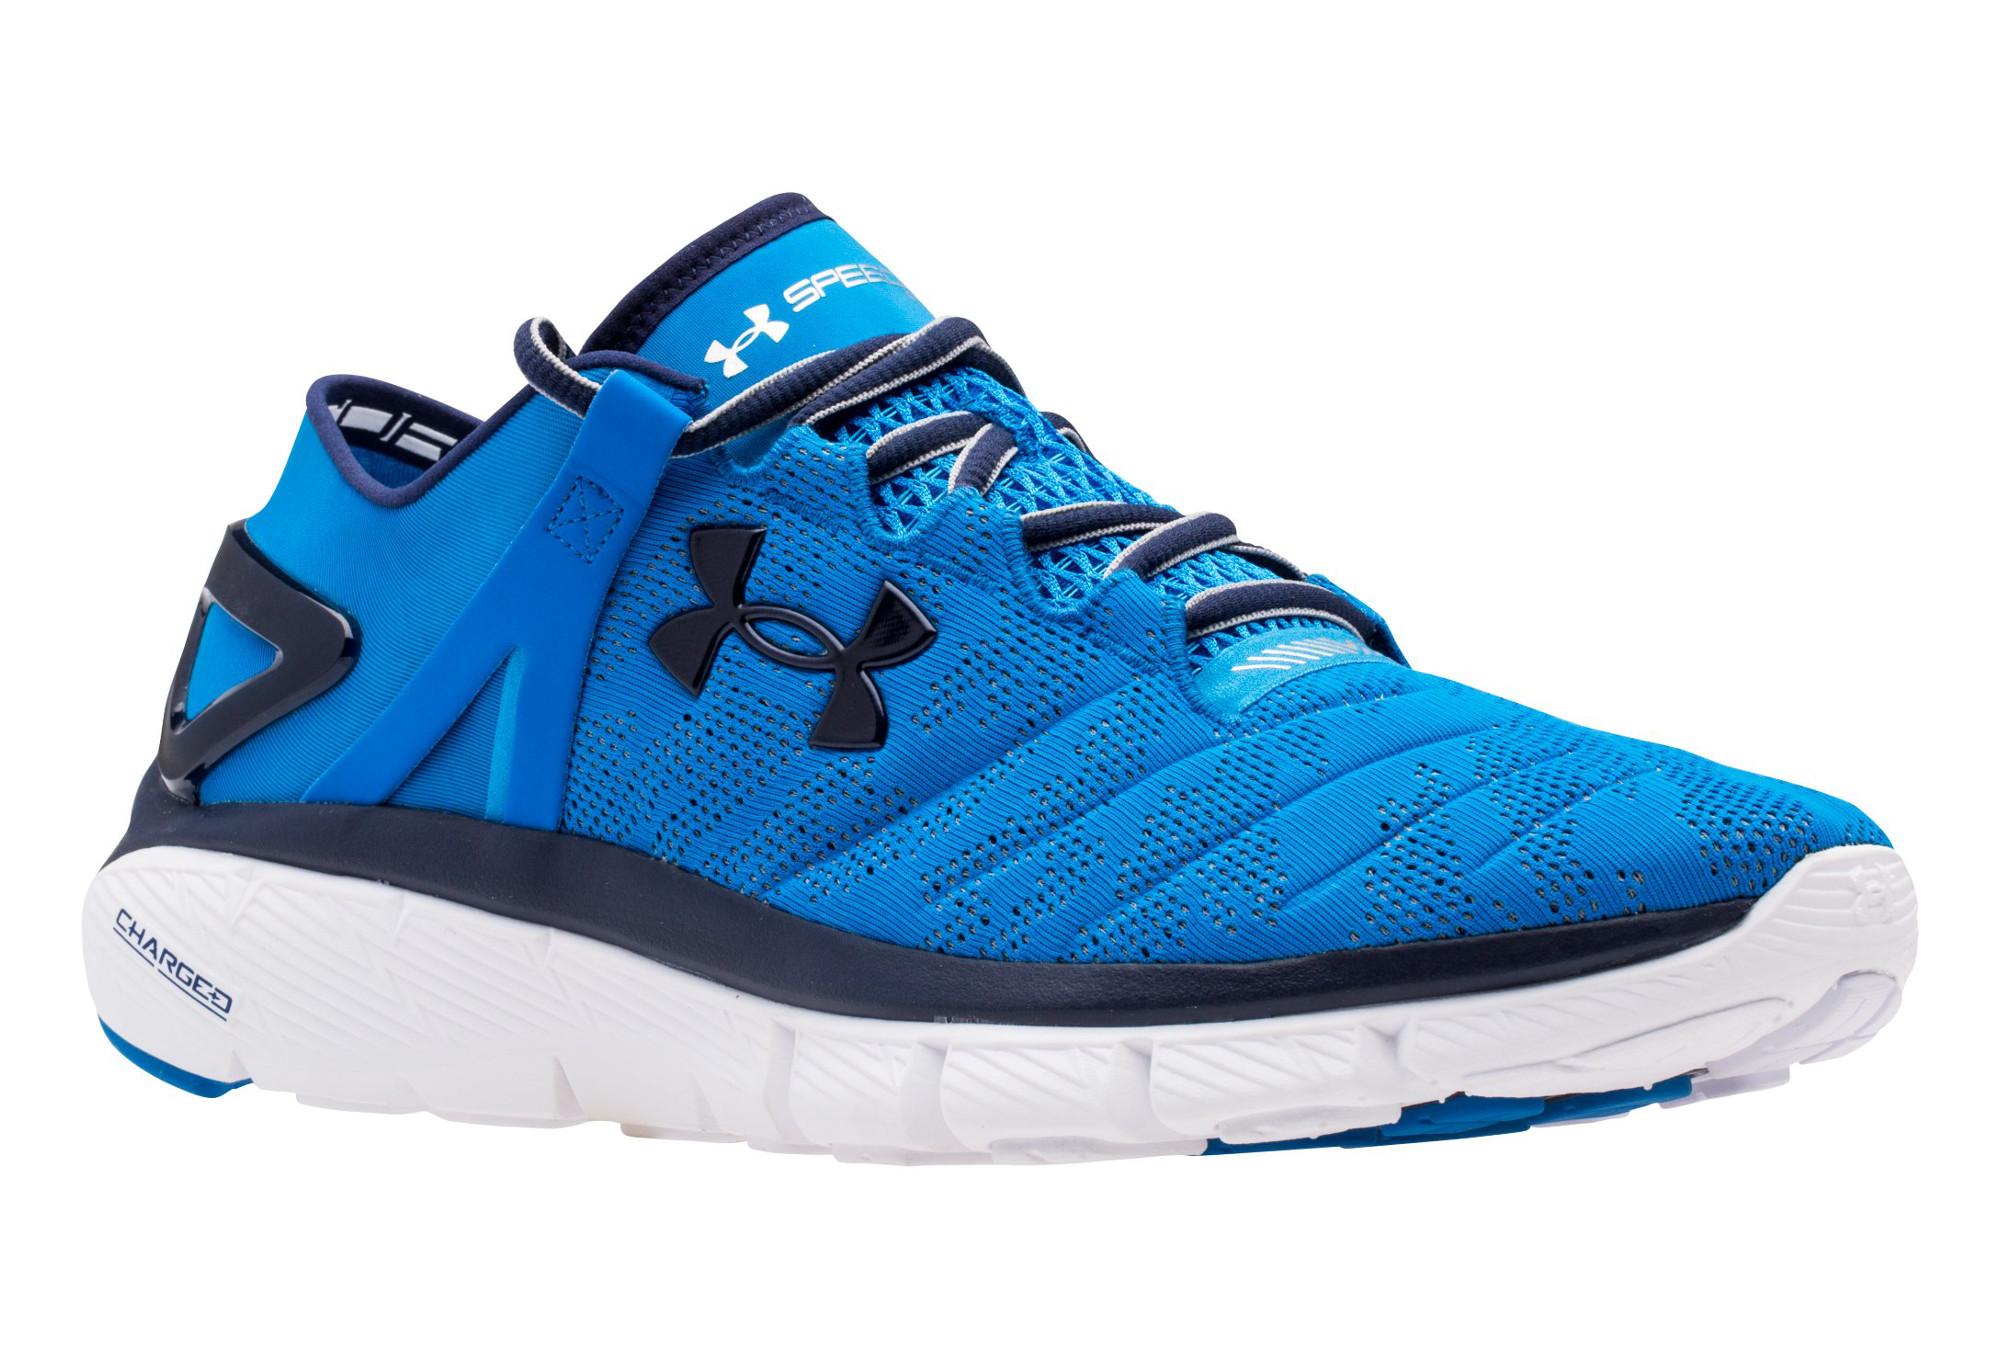 ongelooflijke prijzen schoonheid gratis verzending UNDER ARMOUR SPEEDFORM FORTIS VENT Pair of Shoes Blue